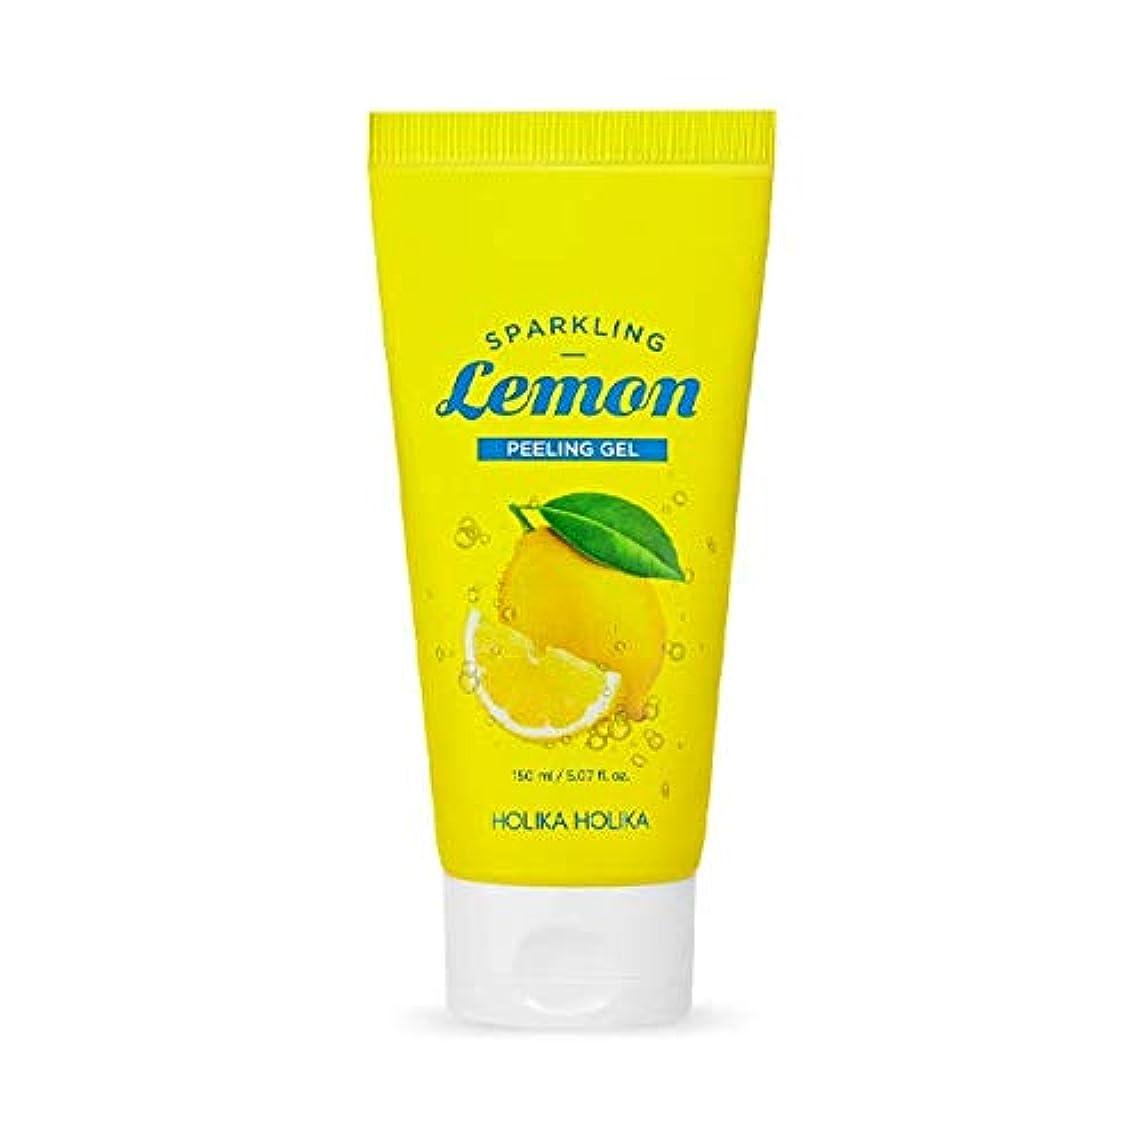 追放コールぺディカブホリカホリカ 炭酸レモンピーリングジェル/HOLIKA Sparkling Lemon Peeling Gel 150ml 韓国コスメ [並行輸入品]